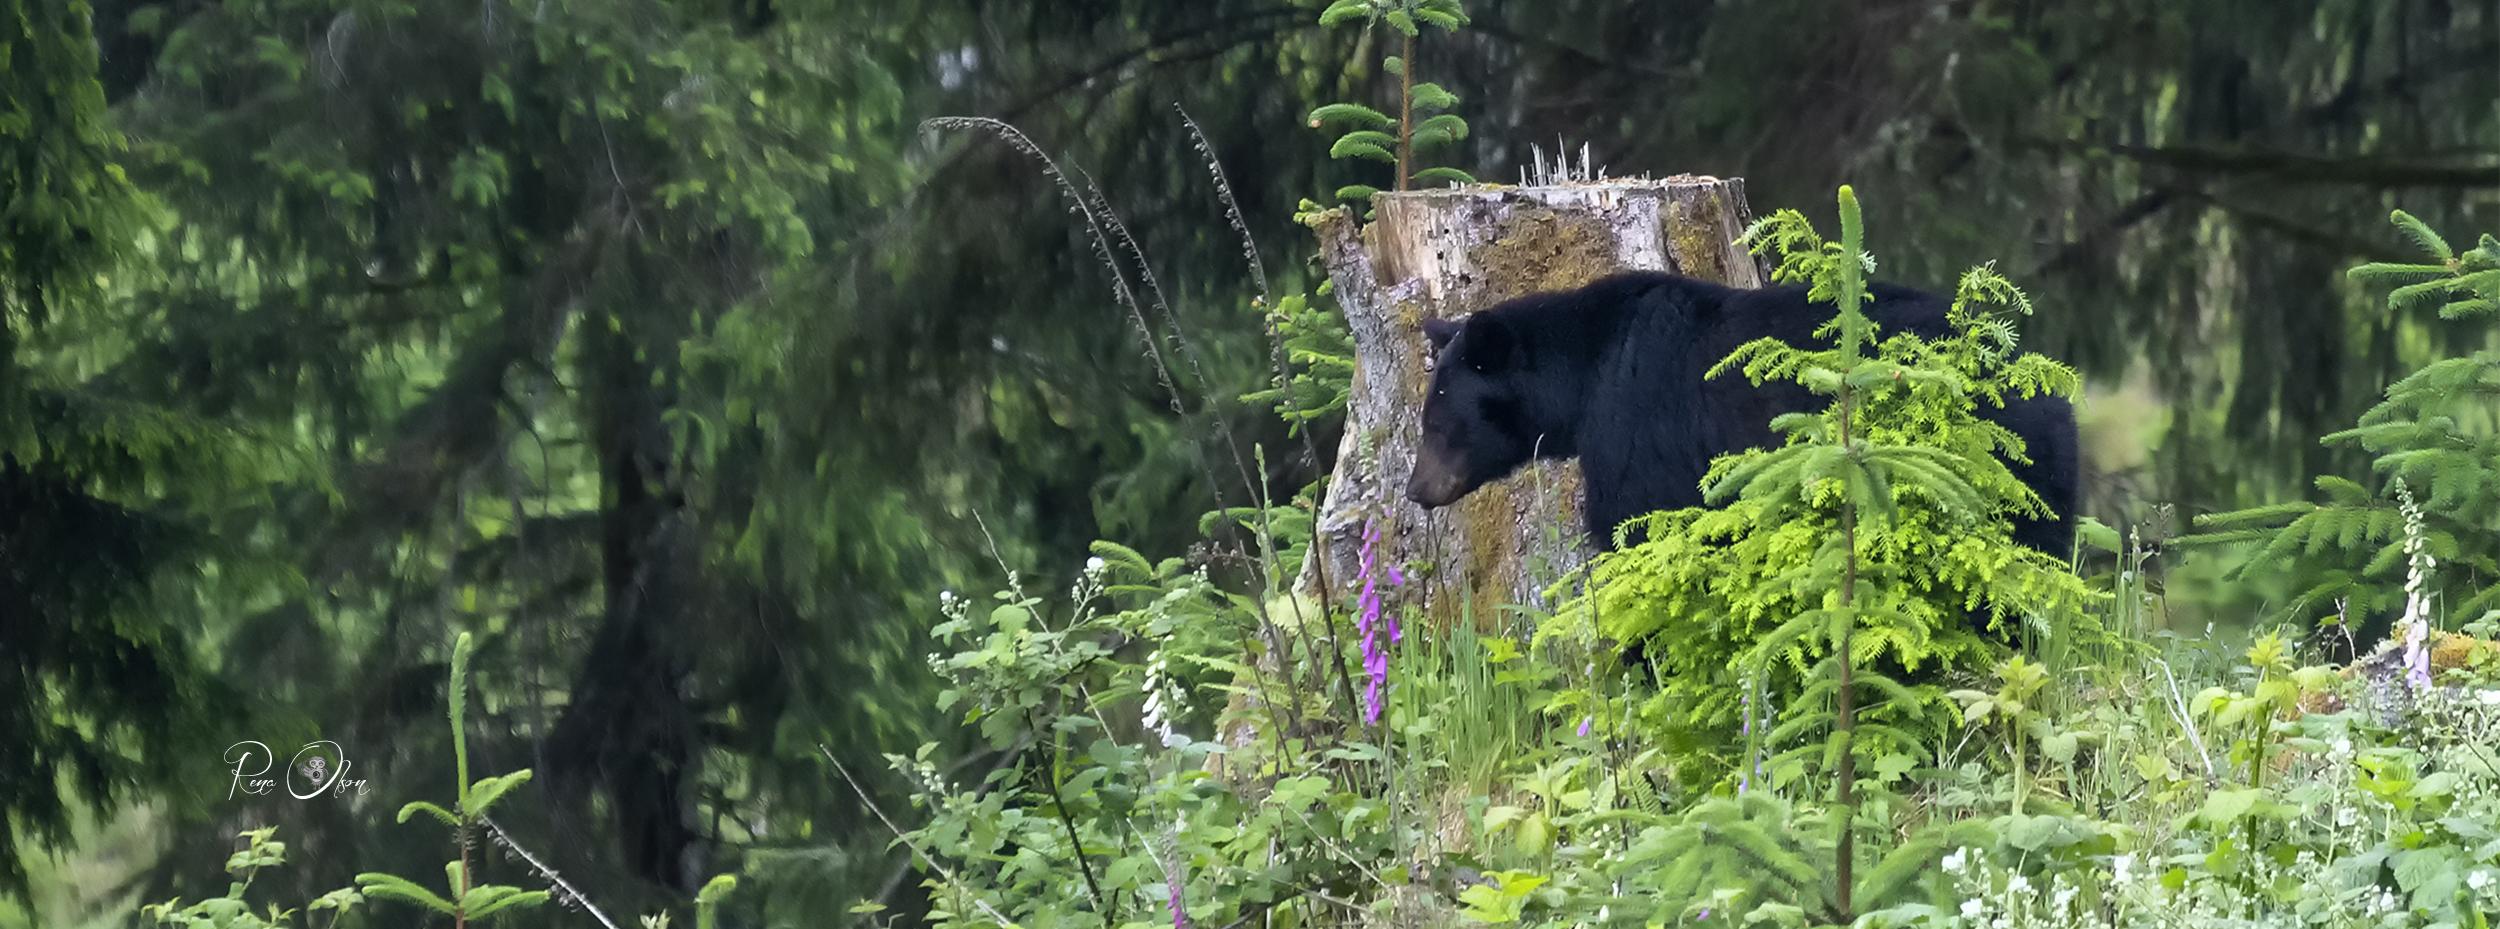 IMG_2345-yakona-black-bear-rena a.jpg